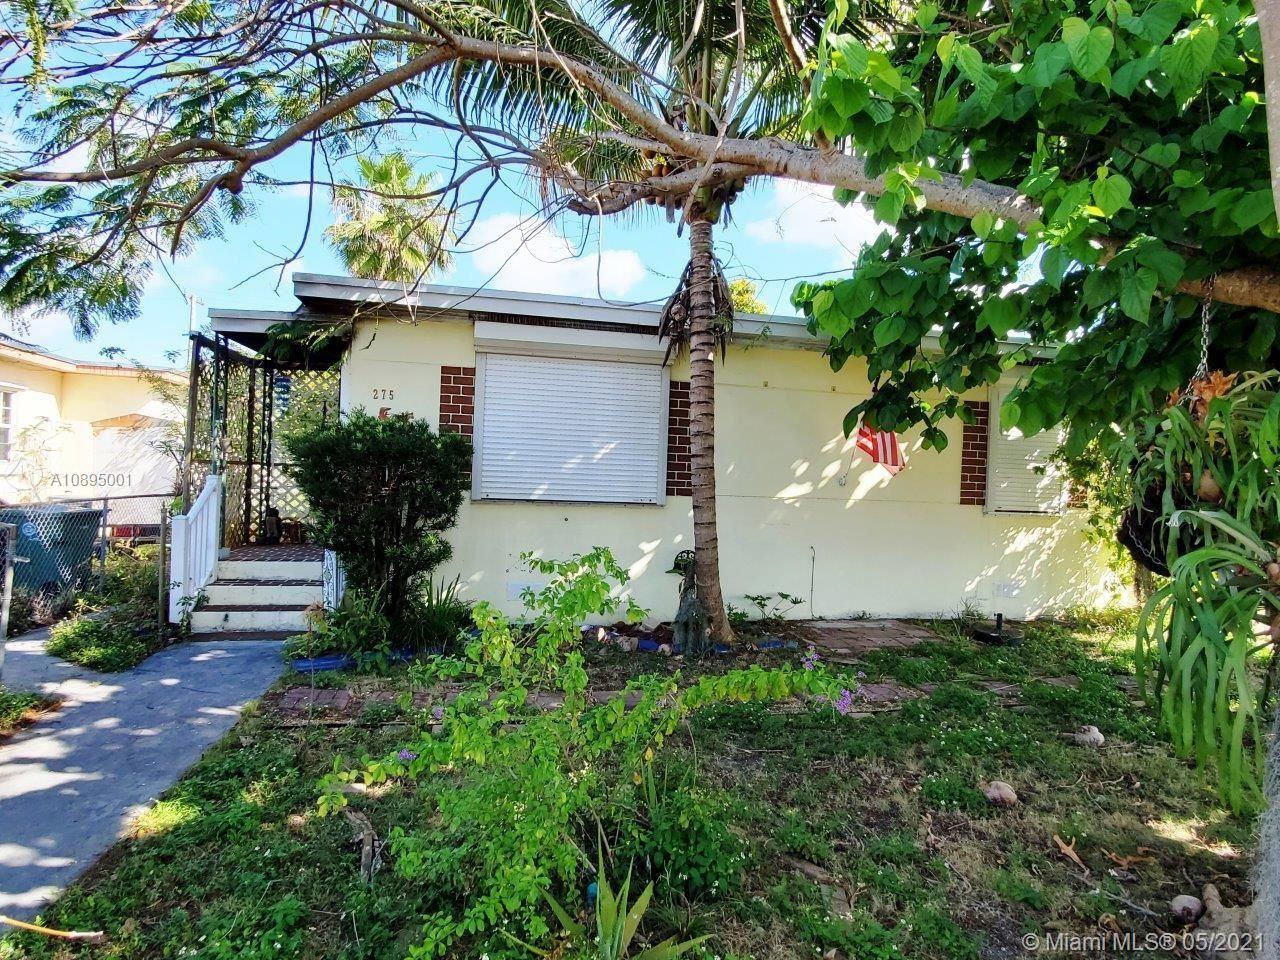 275 E 45th St, Hialeah, FL 33013 - MLS#: A10895001